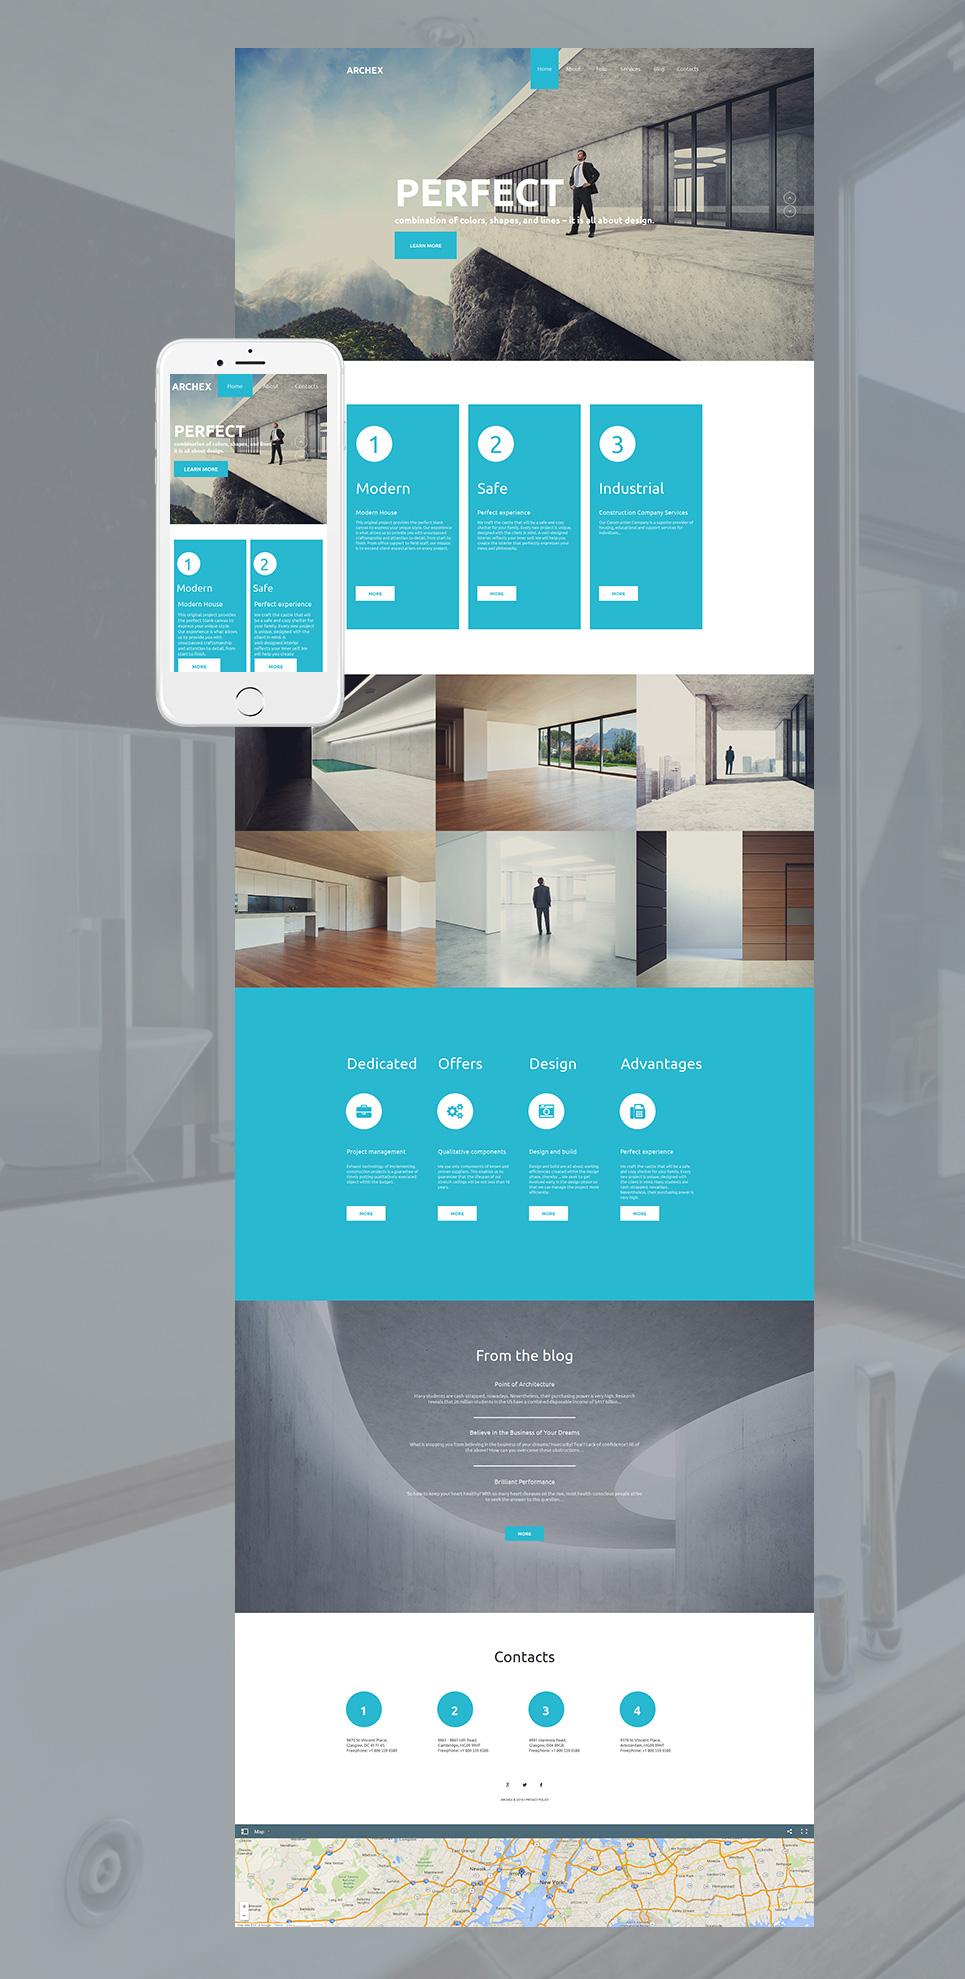 MotoCMS HTML Plantilla #58473 de categoría Arquitectura - image